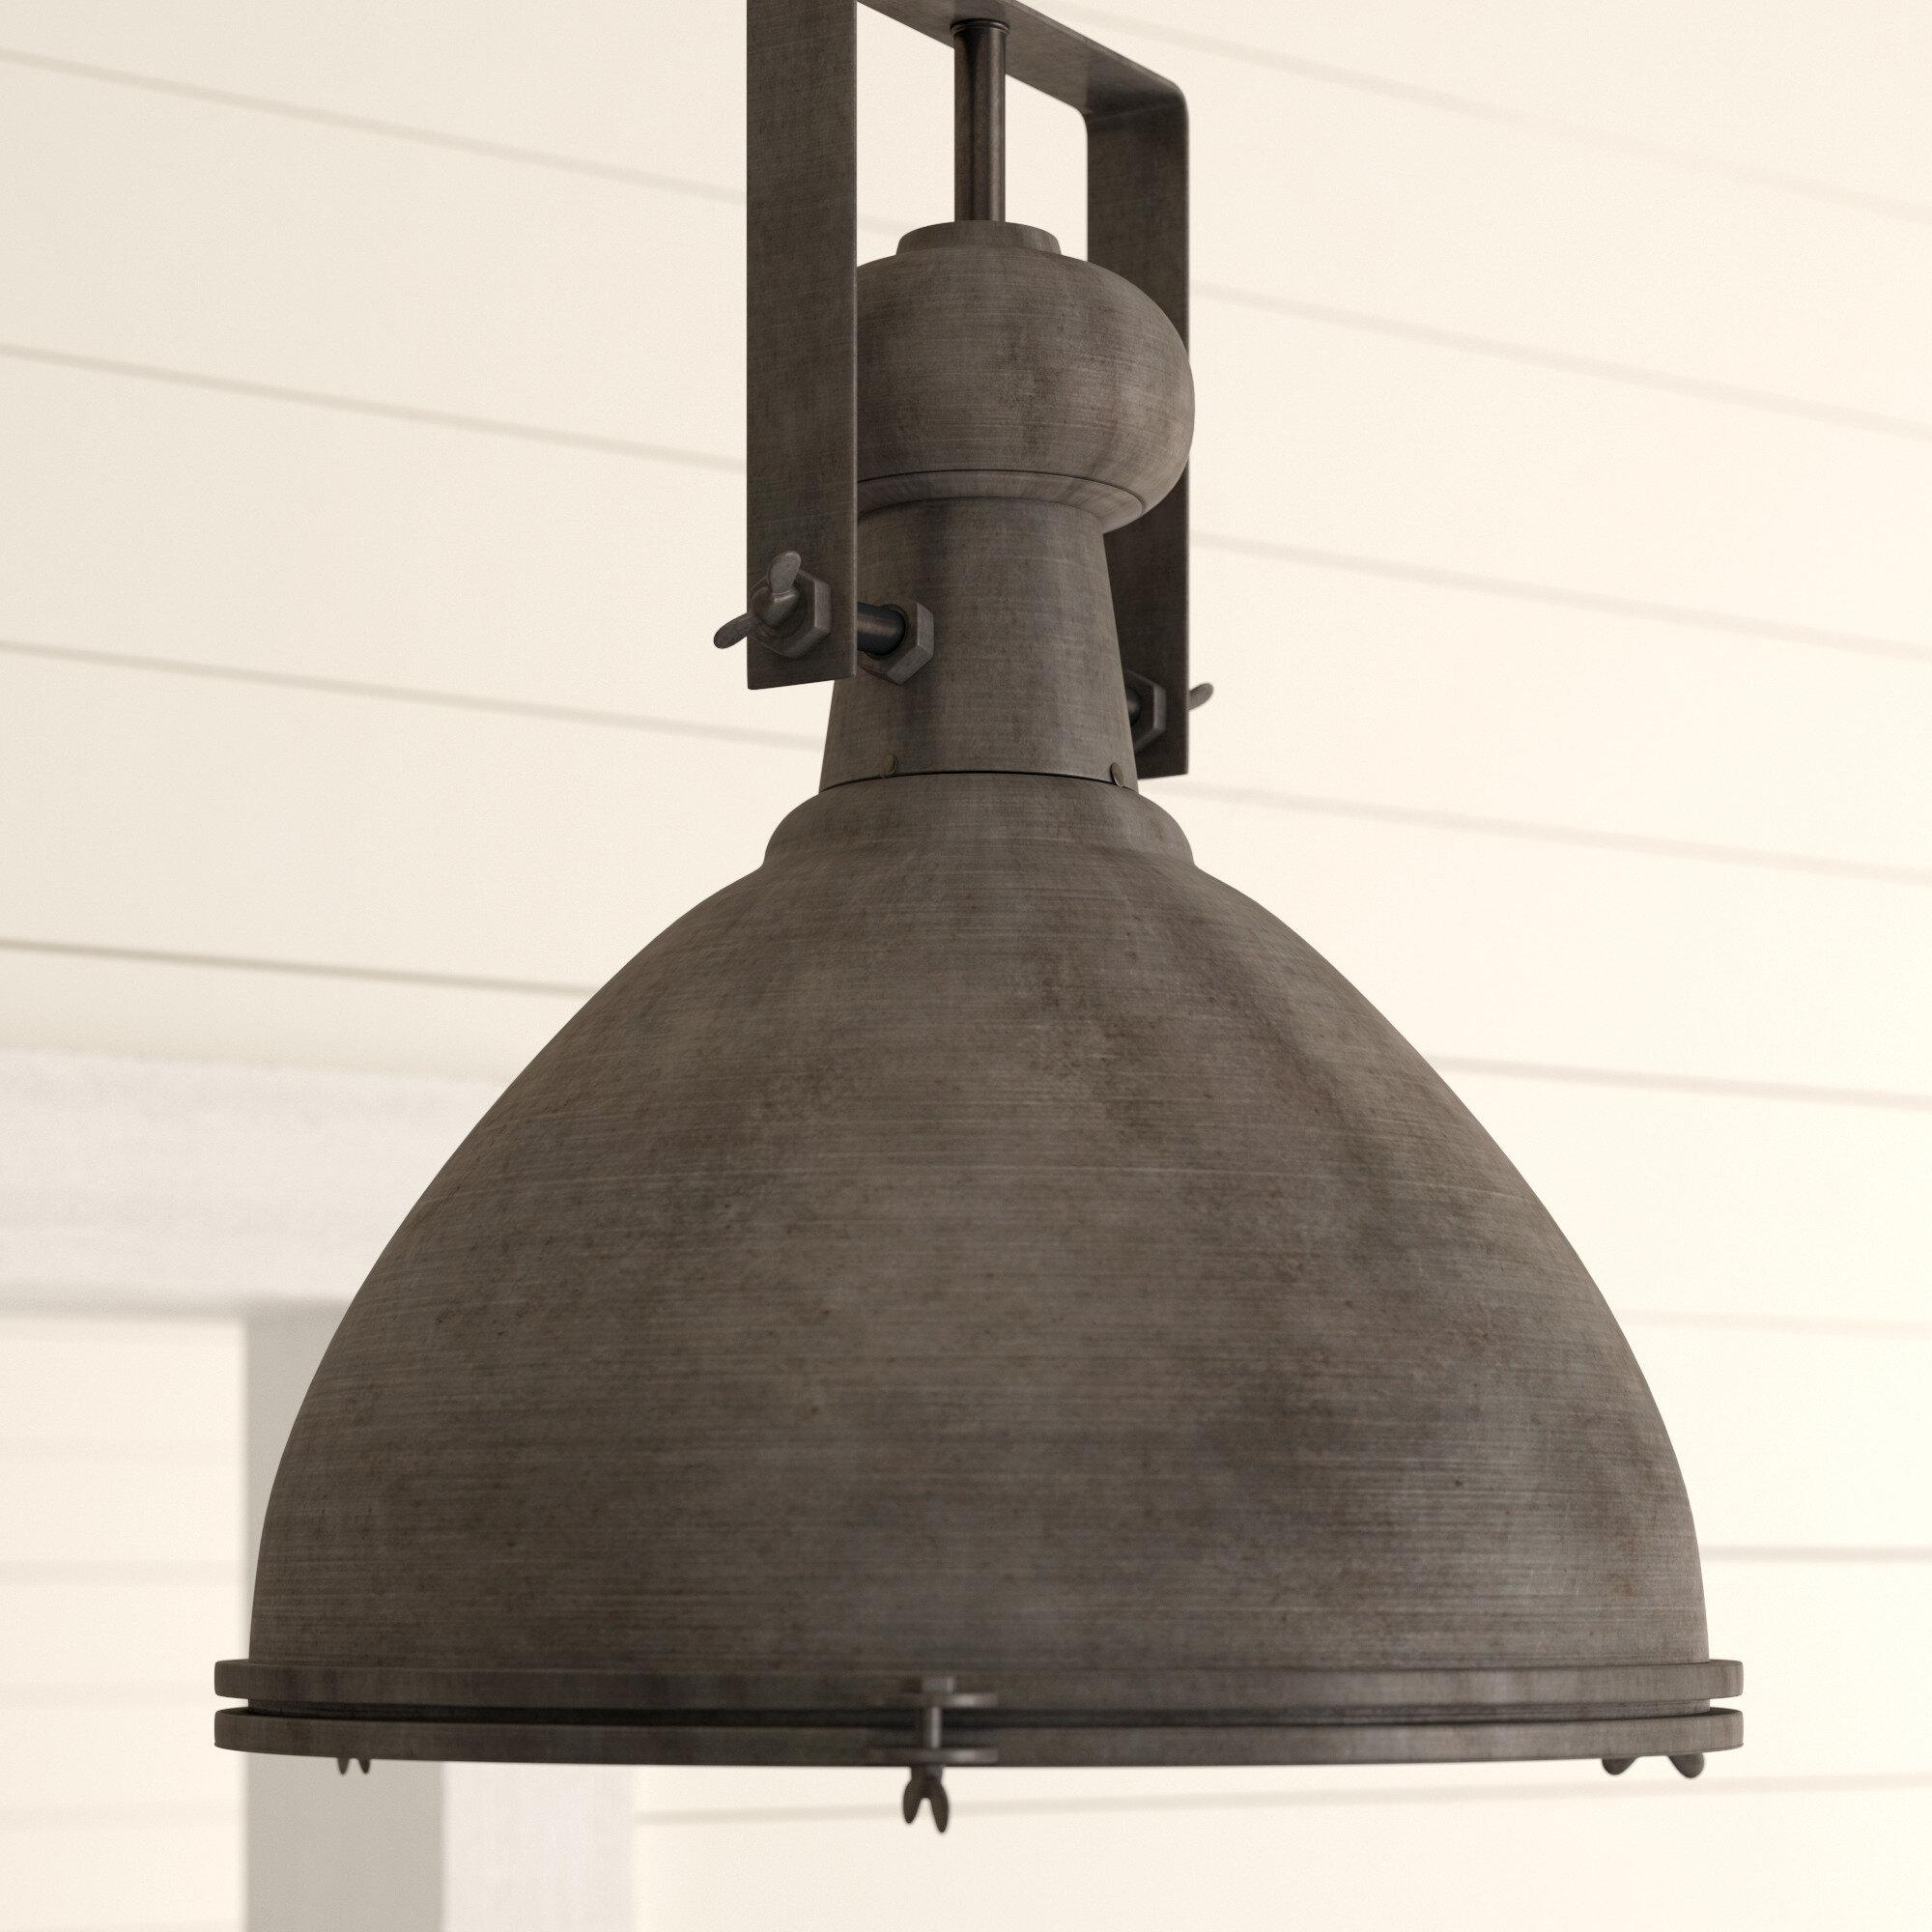 Lavern 1 Light Single Dome Pendant Inside Monadnock 1 Light Single Dome Pendants (View 16 of 30)